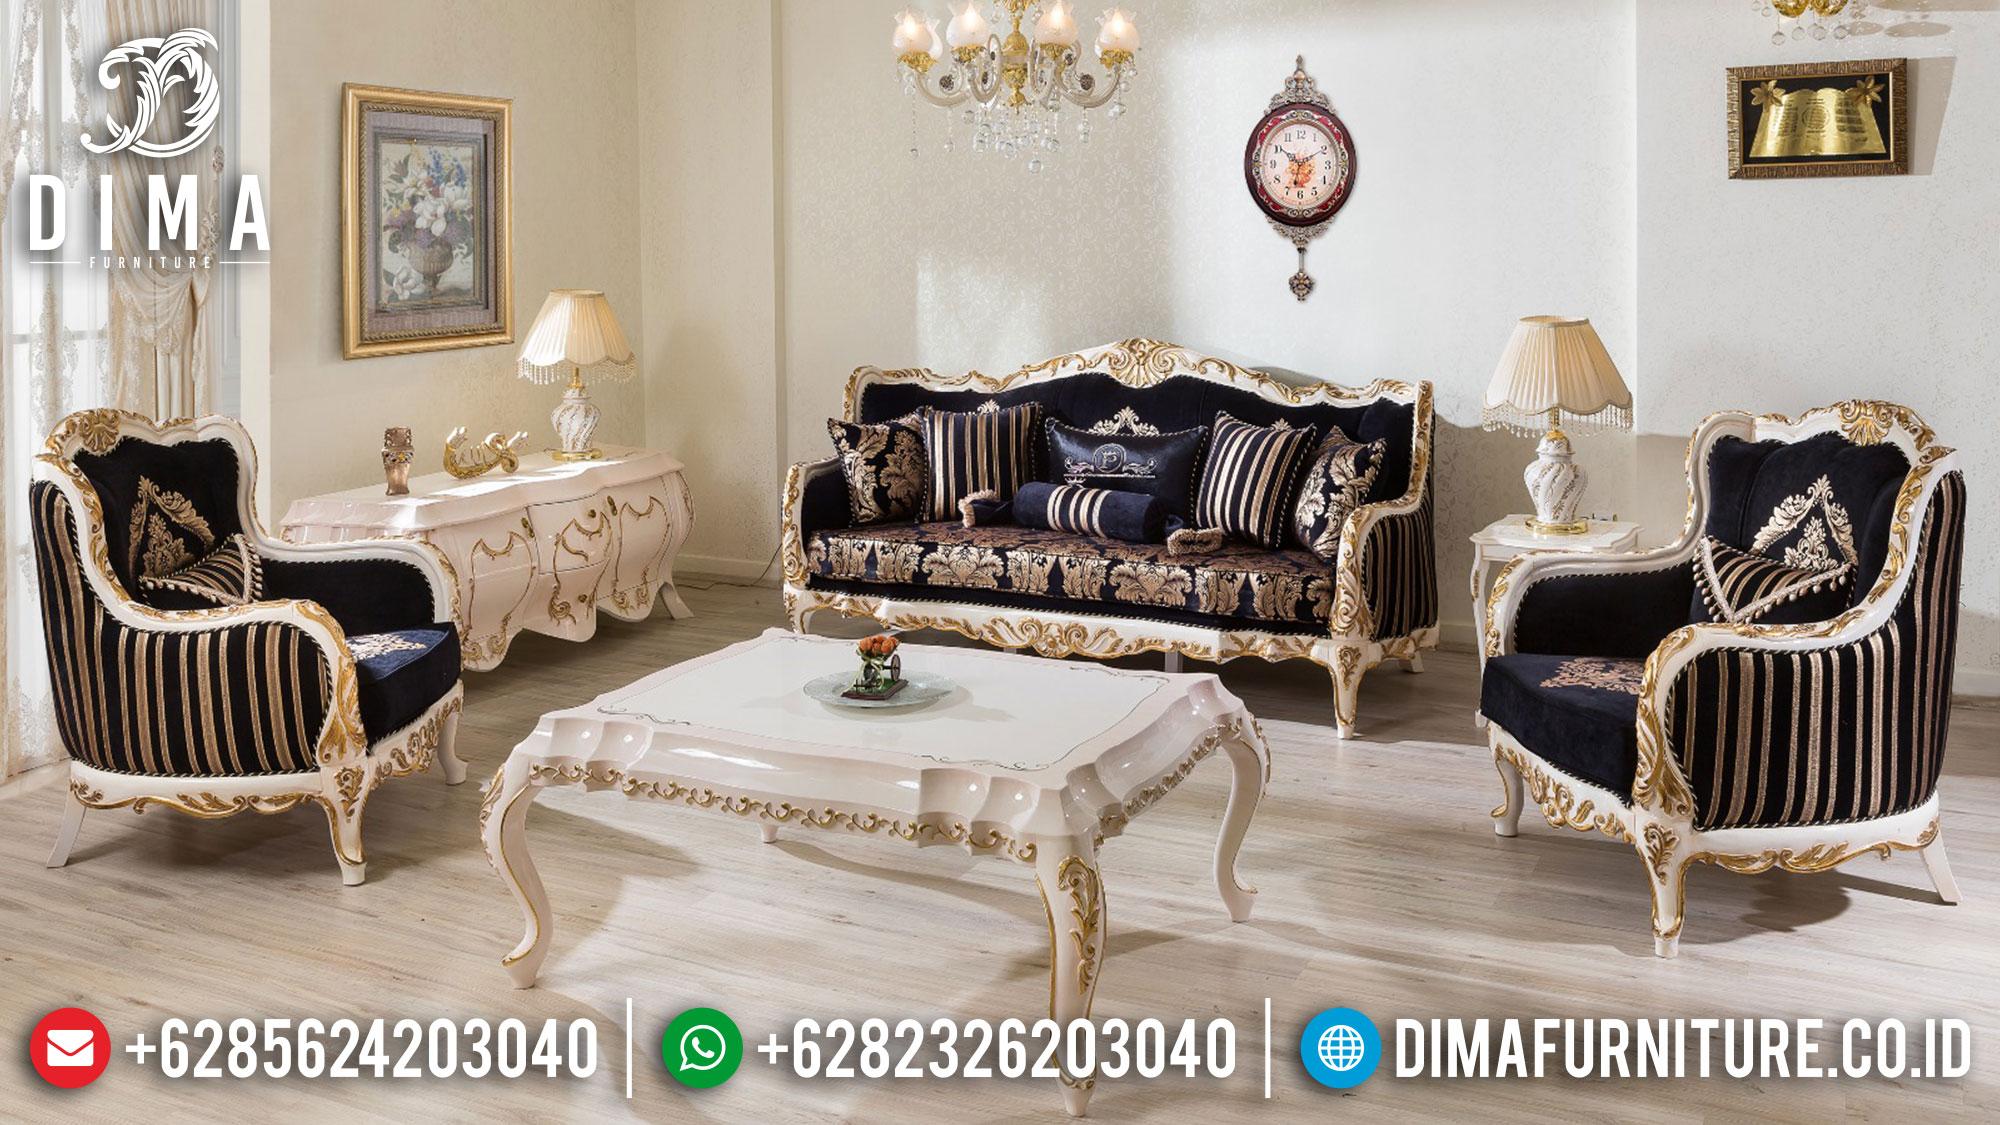 Sofa Tamu Mewah Luxury Classic Design Mebel Jepara Terbaru TTJ-1485